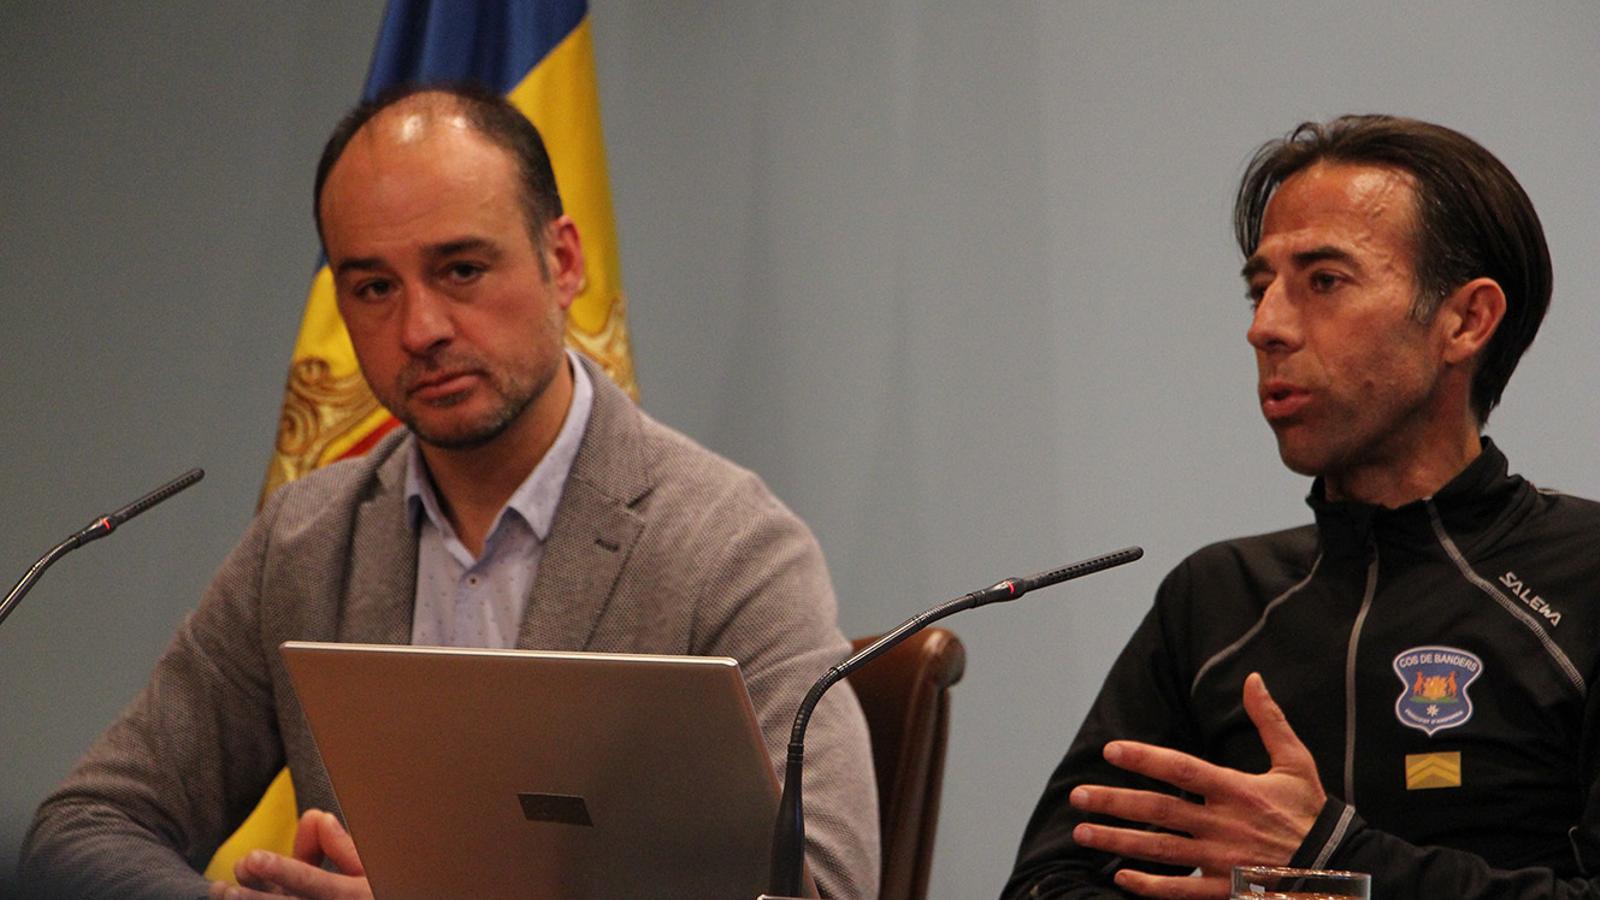 El director del cos de banders, Miquel Rossell, i el cap d'Unitat, Ferran Teixidó. / B.  N. (ANA)